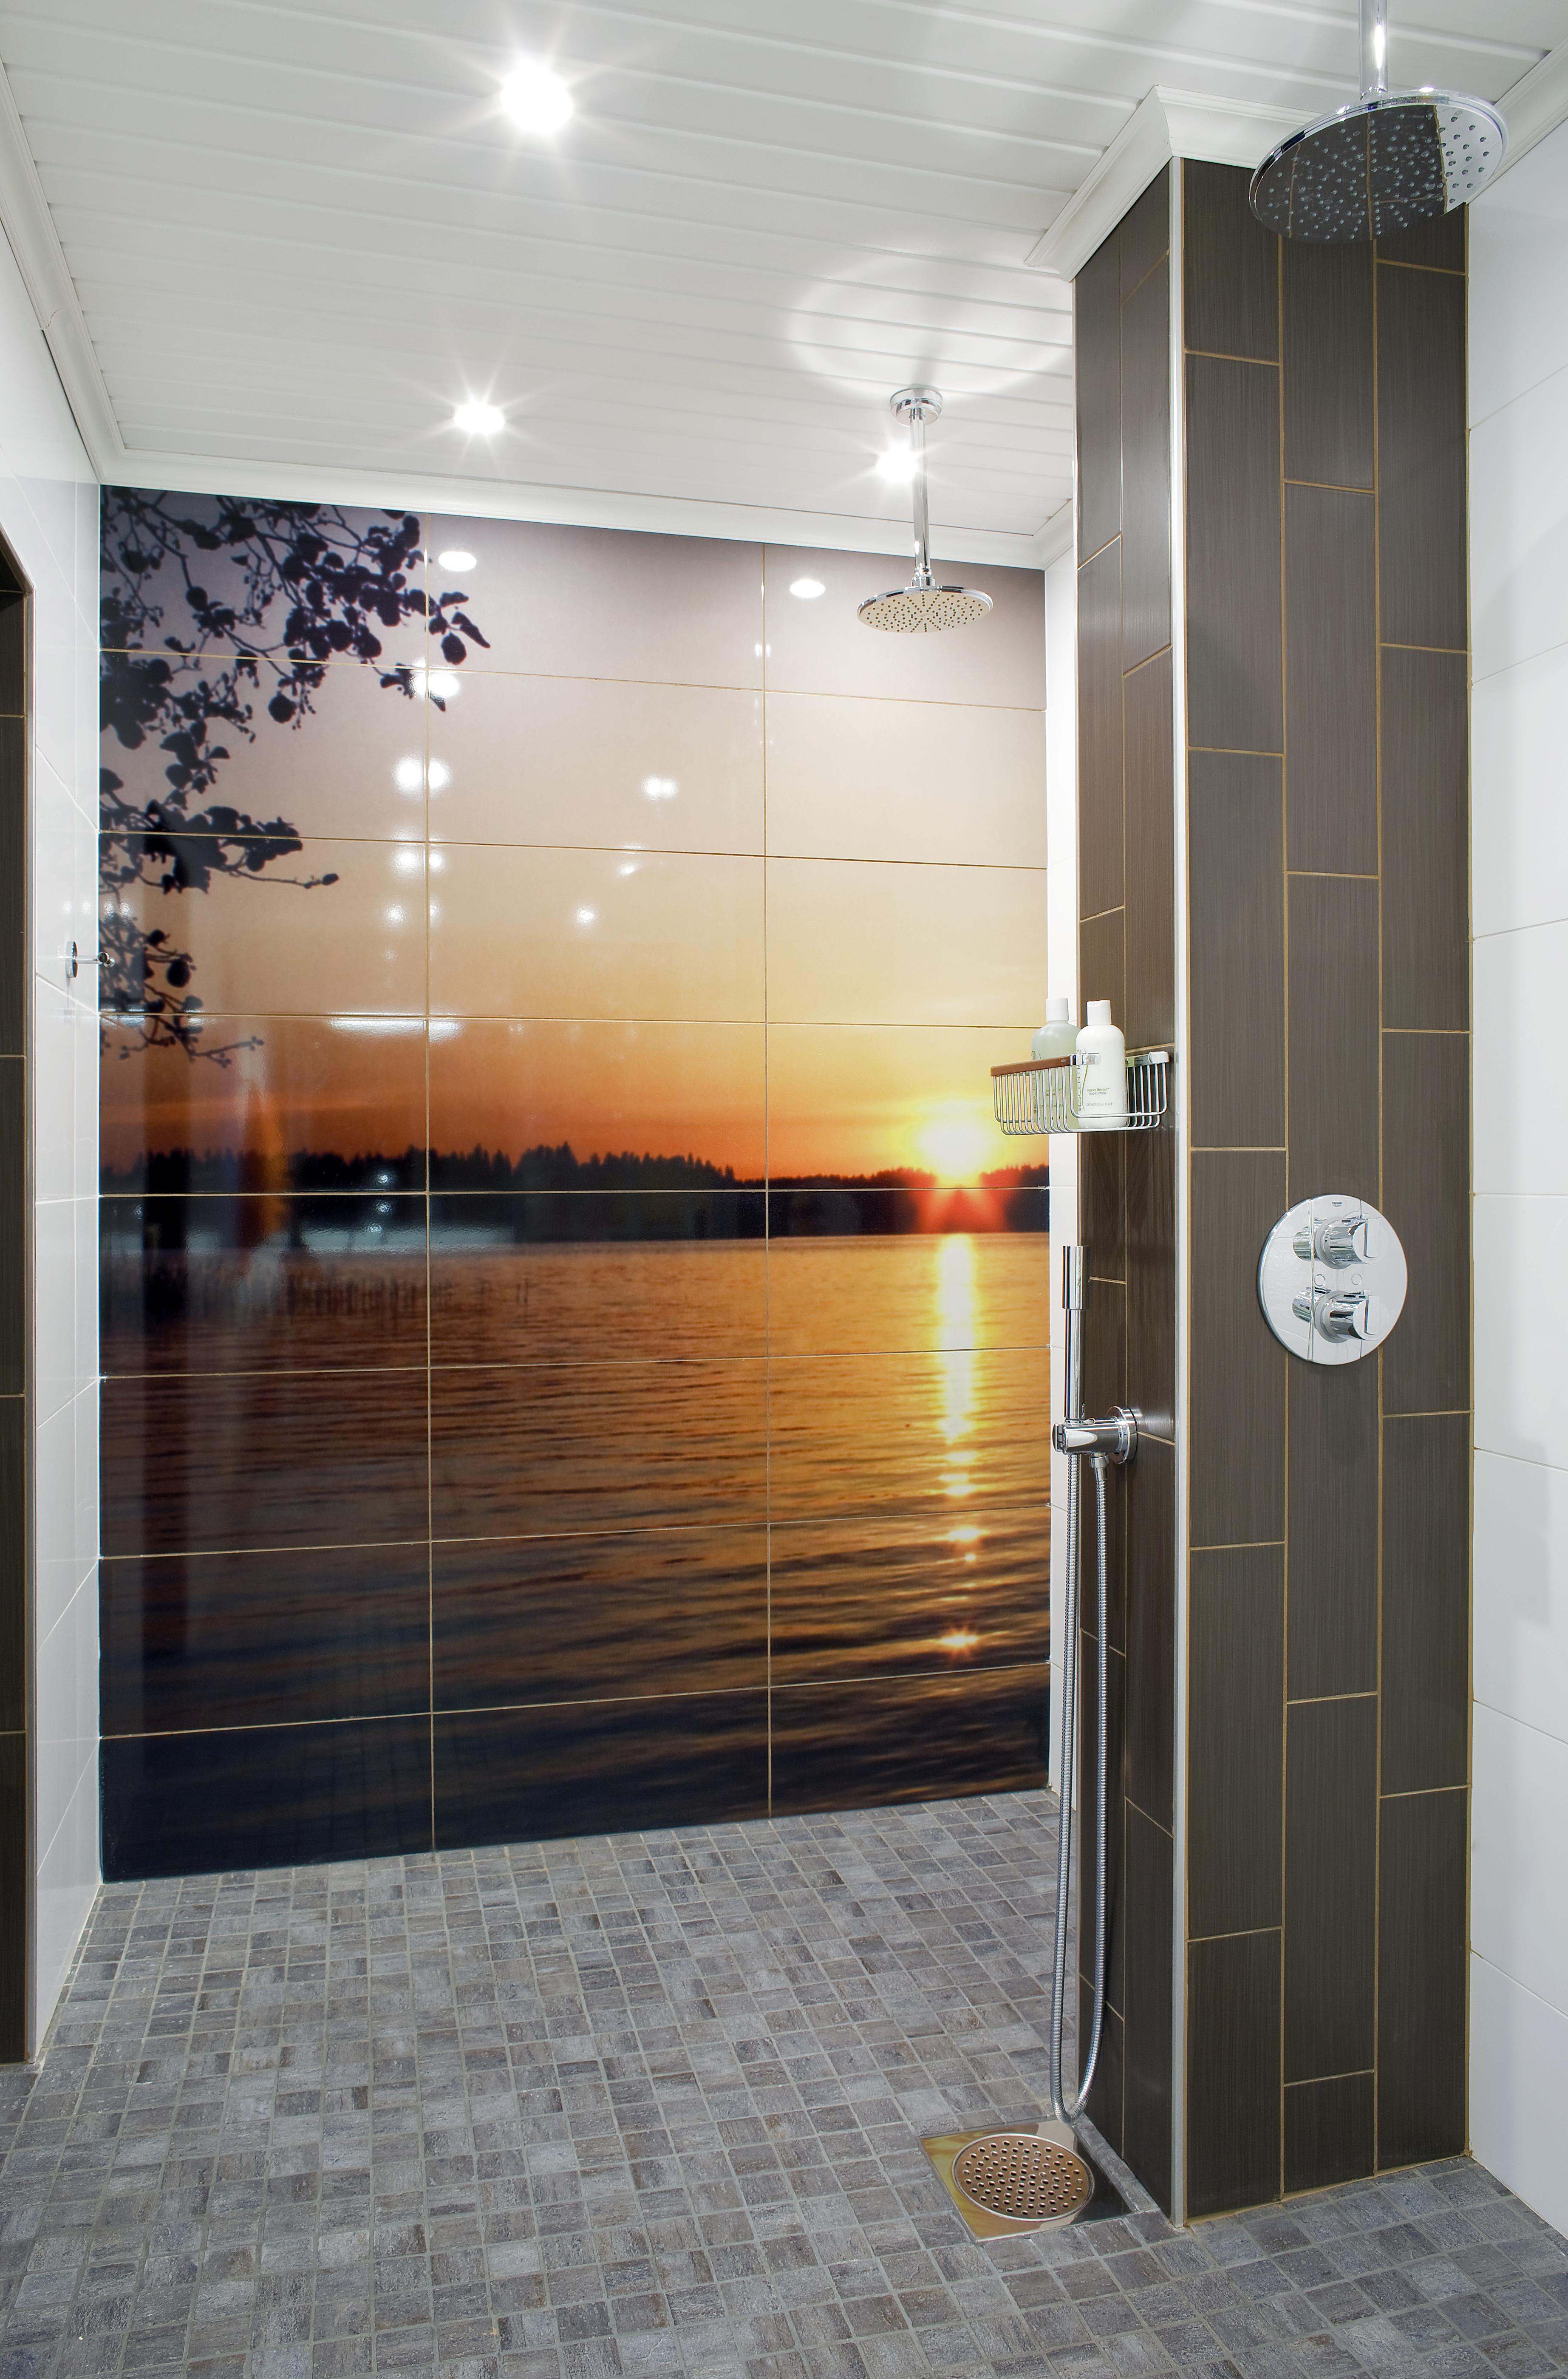 Muistoja kesämökiltä. Kylpyhuoneeseen tuo lämpöä suihkutilan upea, kaakeleihin omasta valokuvasta teetetty auringonlasku. Piiloasennetut sadesuihkut ja talon kaikki hanat ovat Grohen mallistosta.